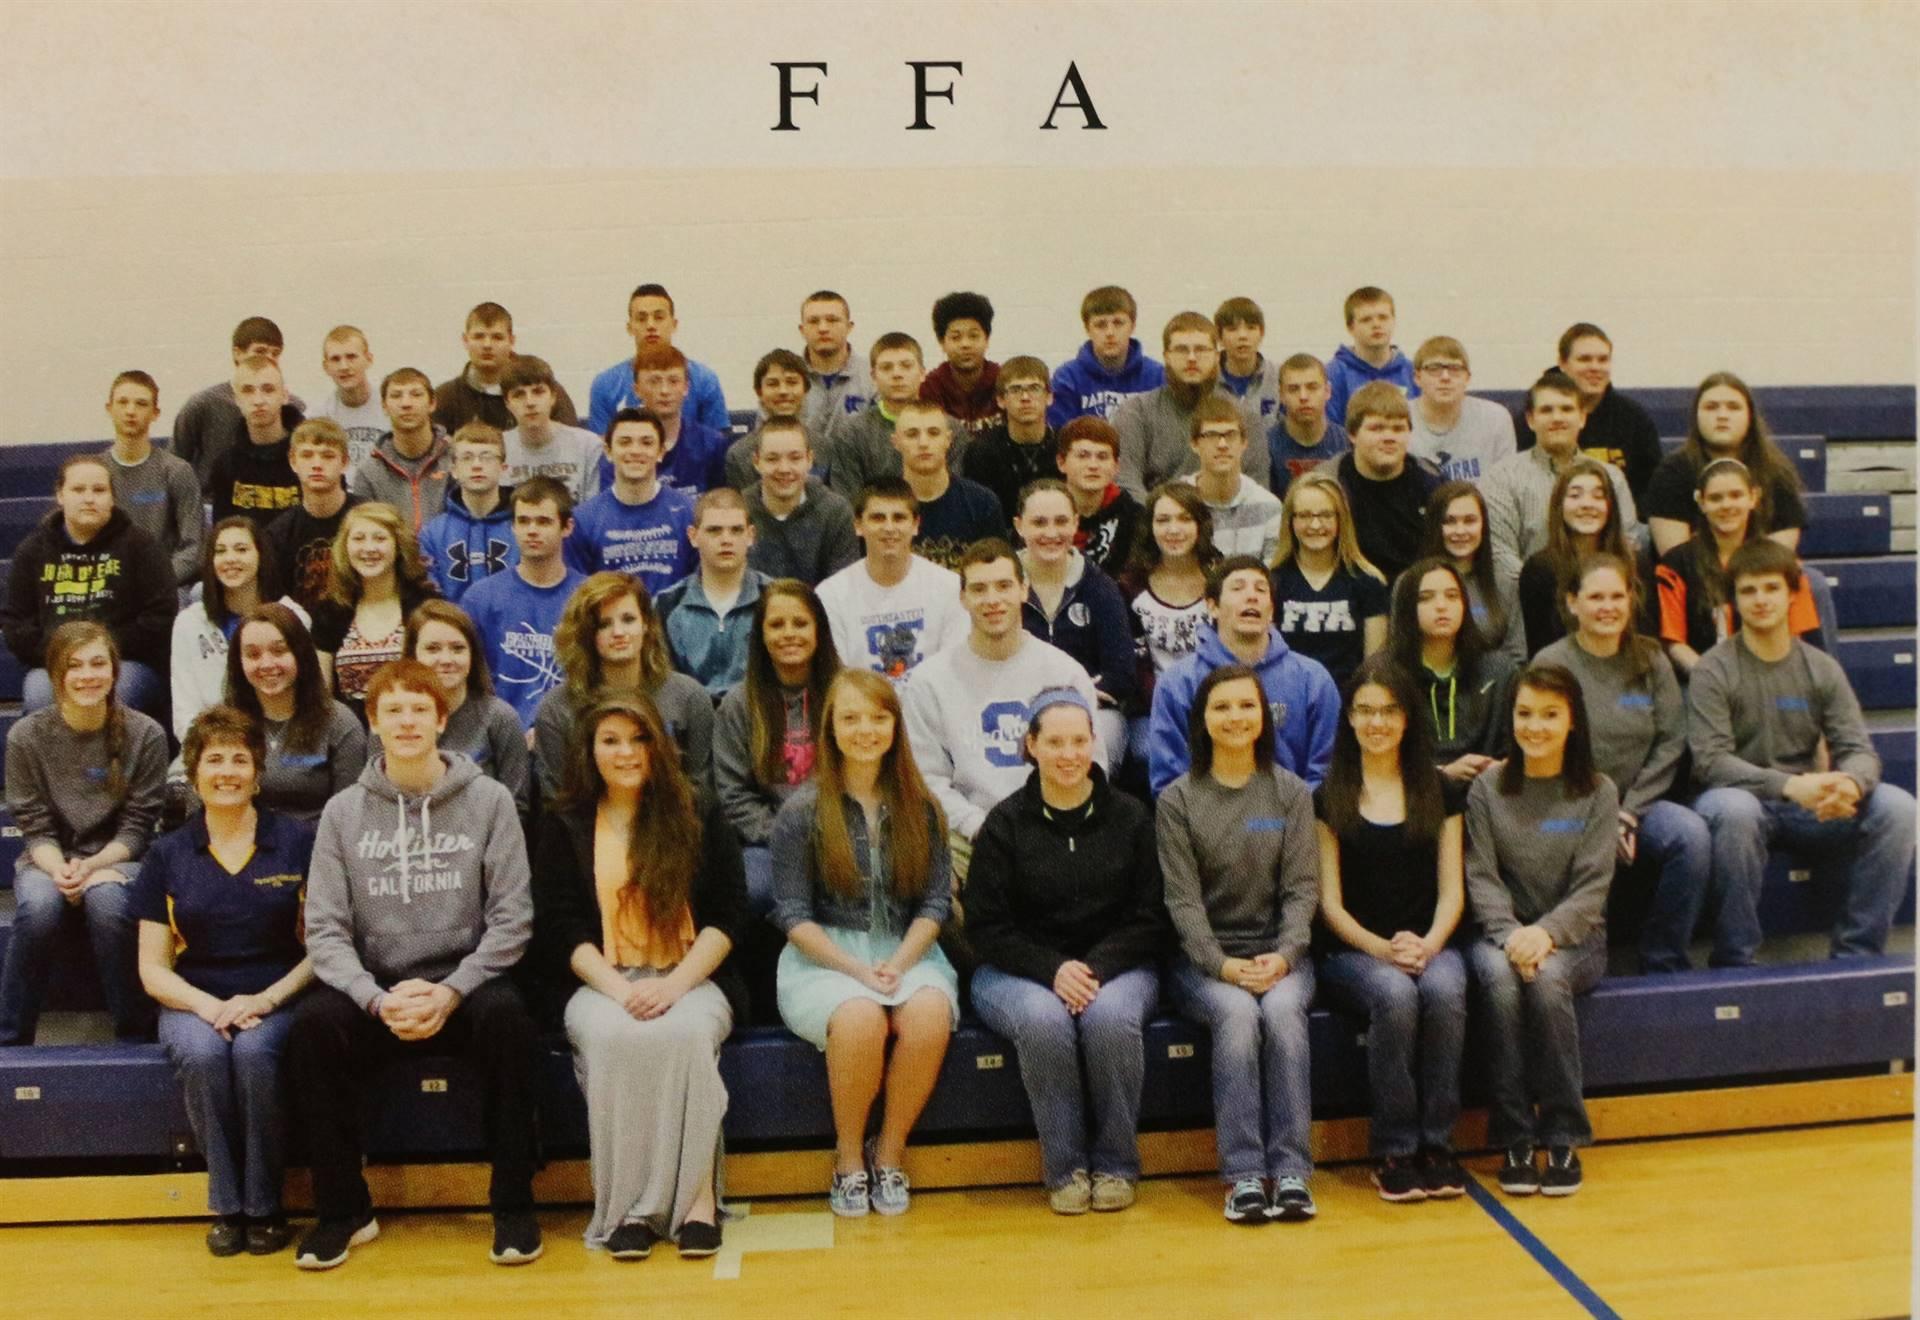 2015 FFA